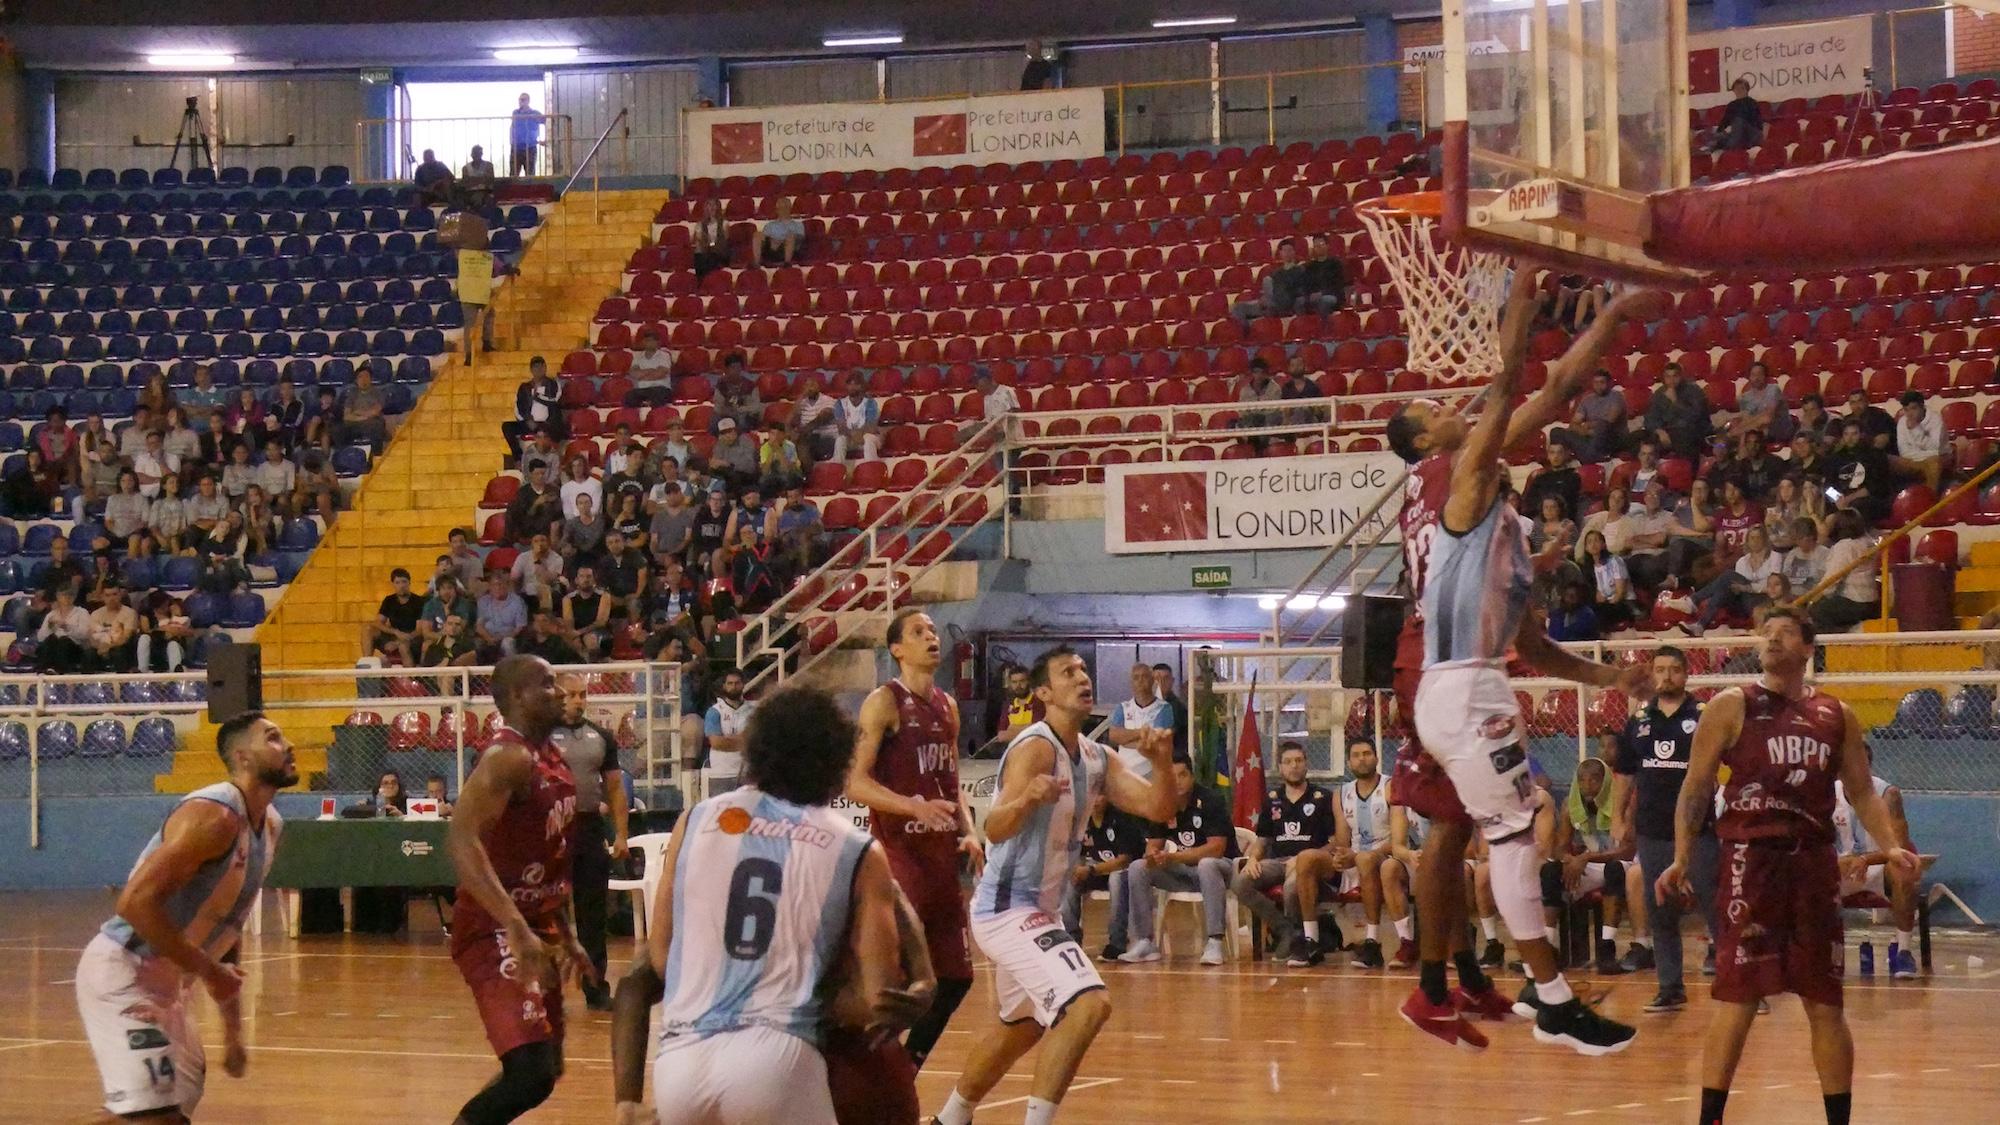 Londrina Basquete Foto Divulgação/Londrina Unicesumar FEL